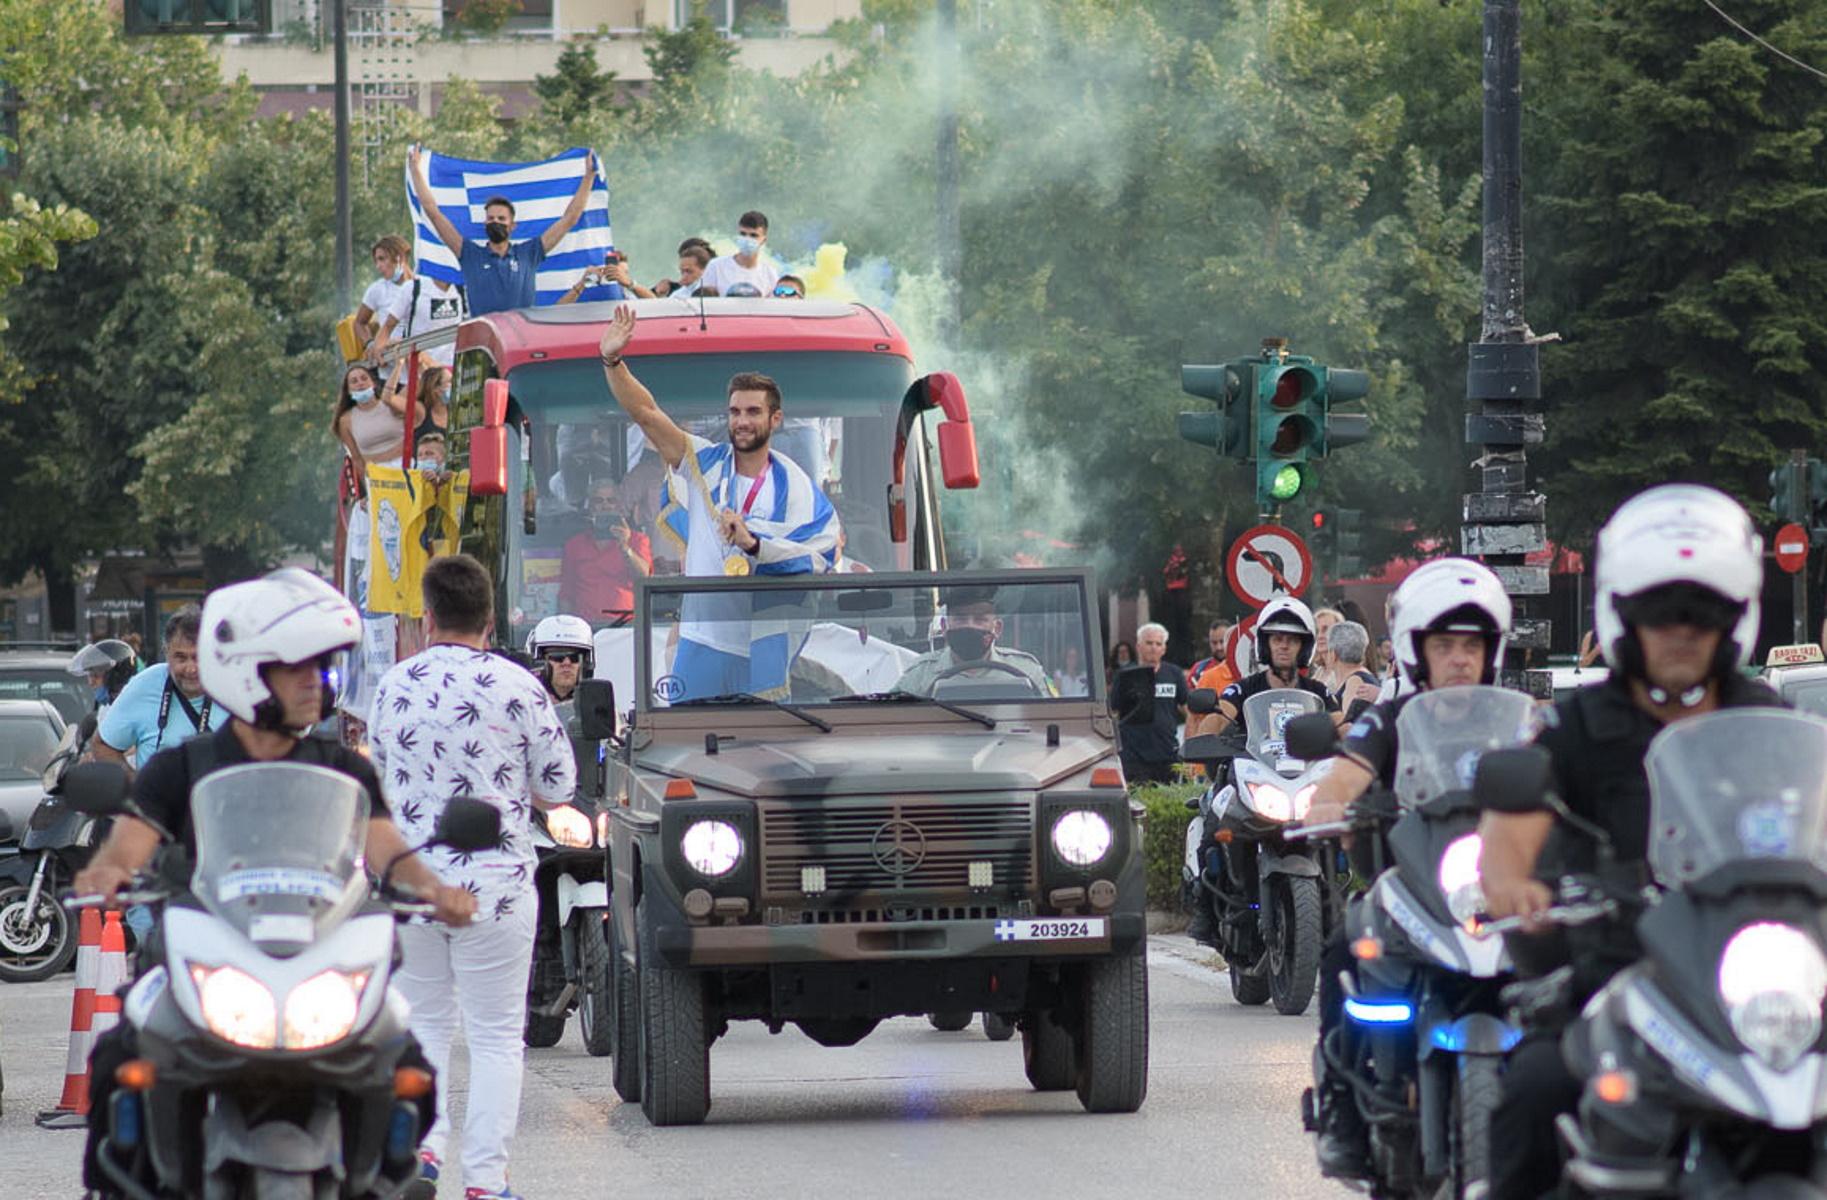 Στέφανος Ντούσκος: Με στρατιωτικό όχημα ο Έλληνας Ολυμπιονίκης – Έριξαν τα «τείχη» στα Ιωάννινα